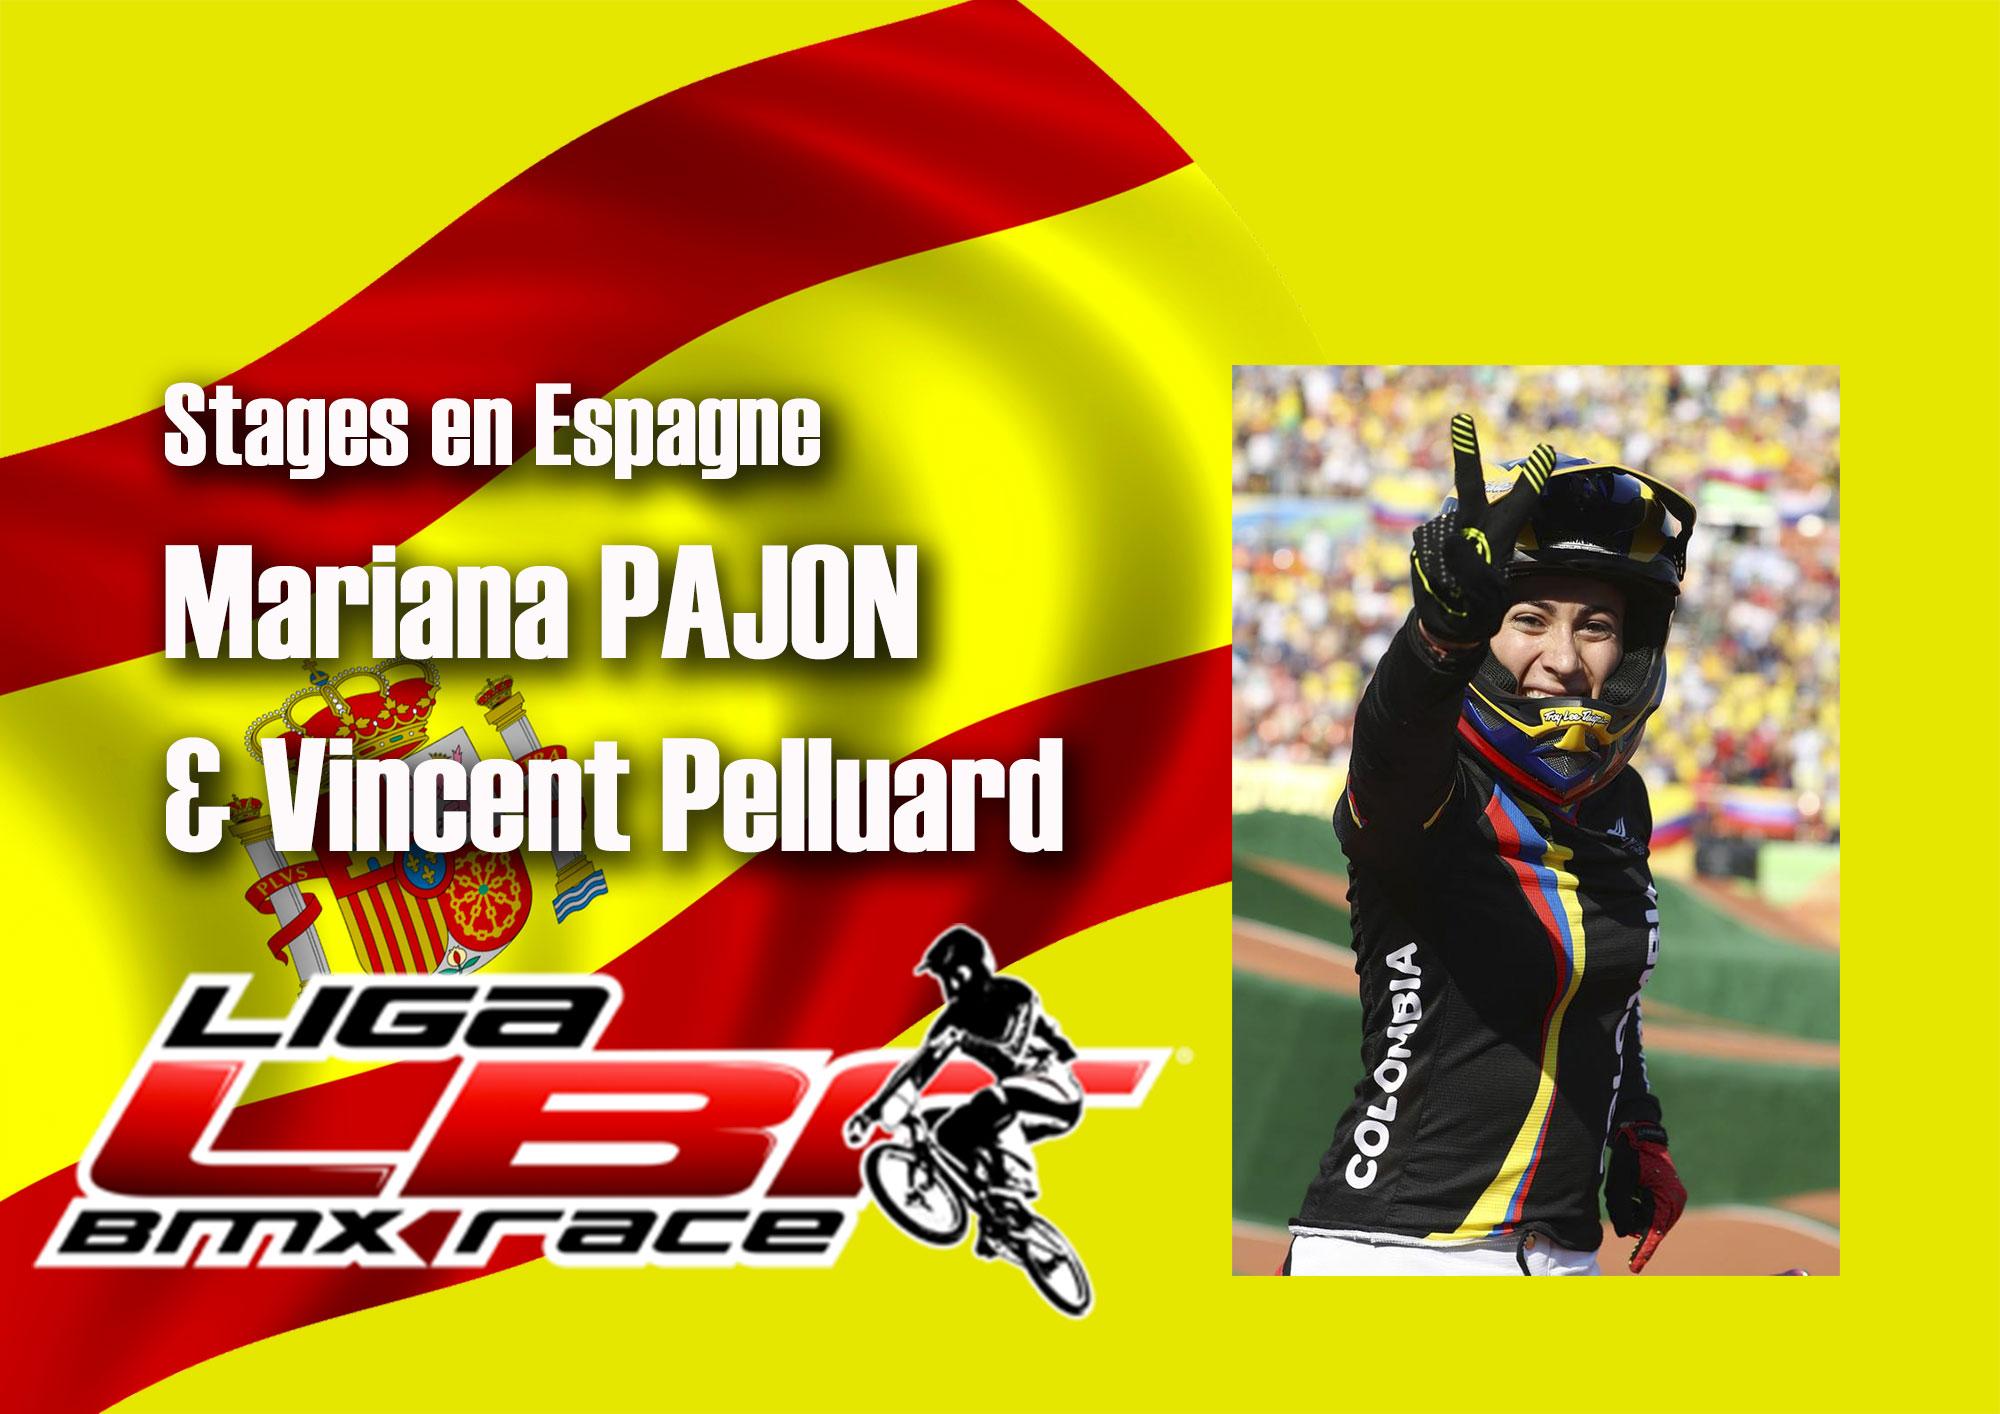 Des stages en Espagne de niveau Olympique !